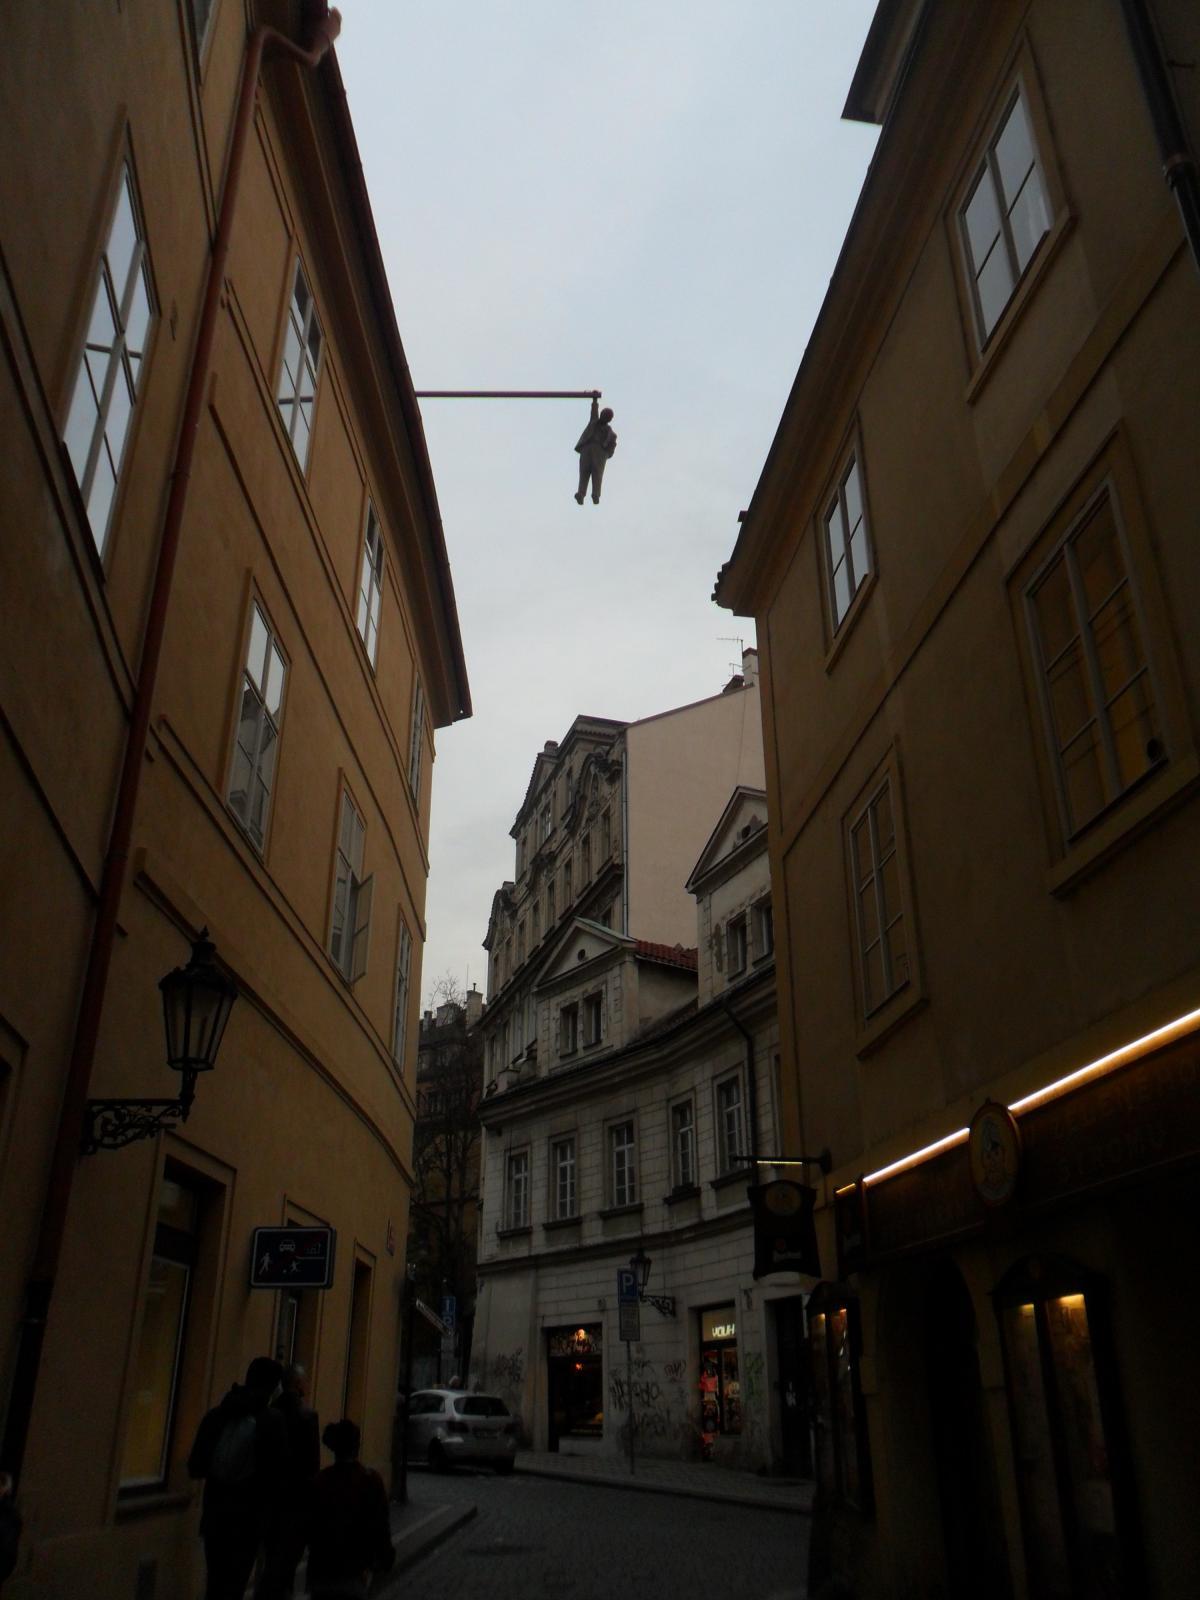 Скульптура «Висящий человек» в Праге, посвященная Зигмунду Фрейду / фото: Ольга Броскова